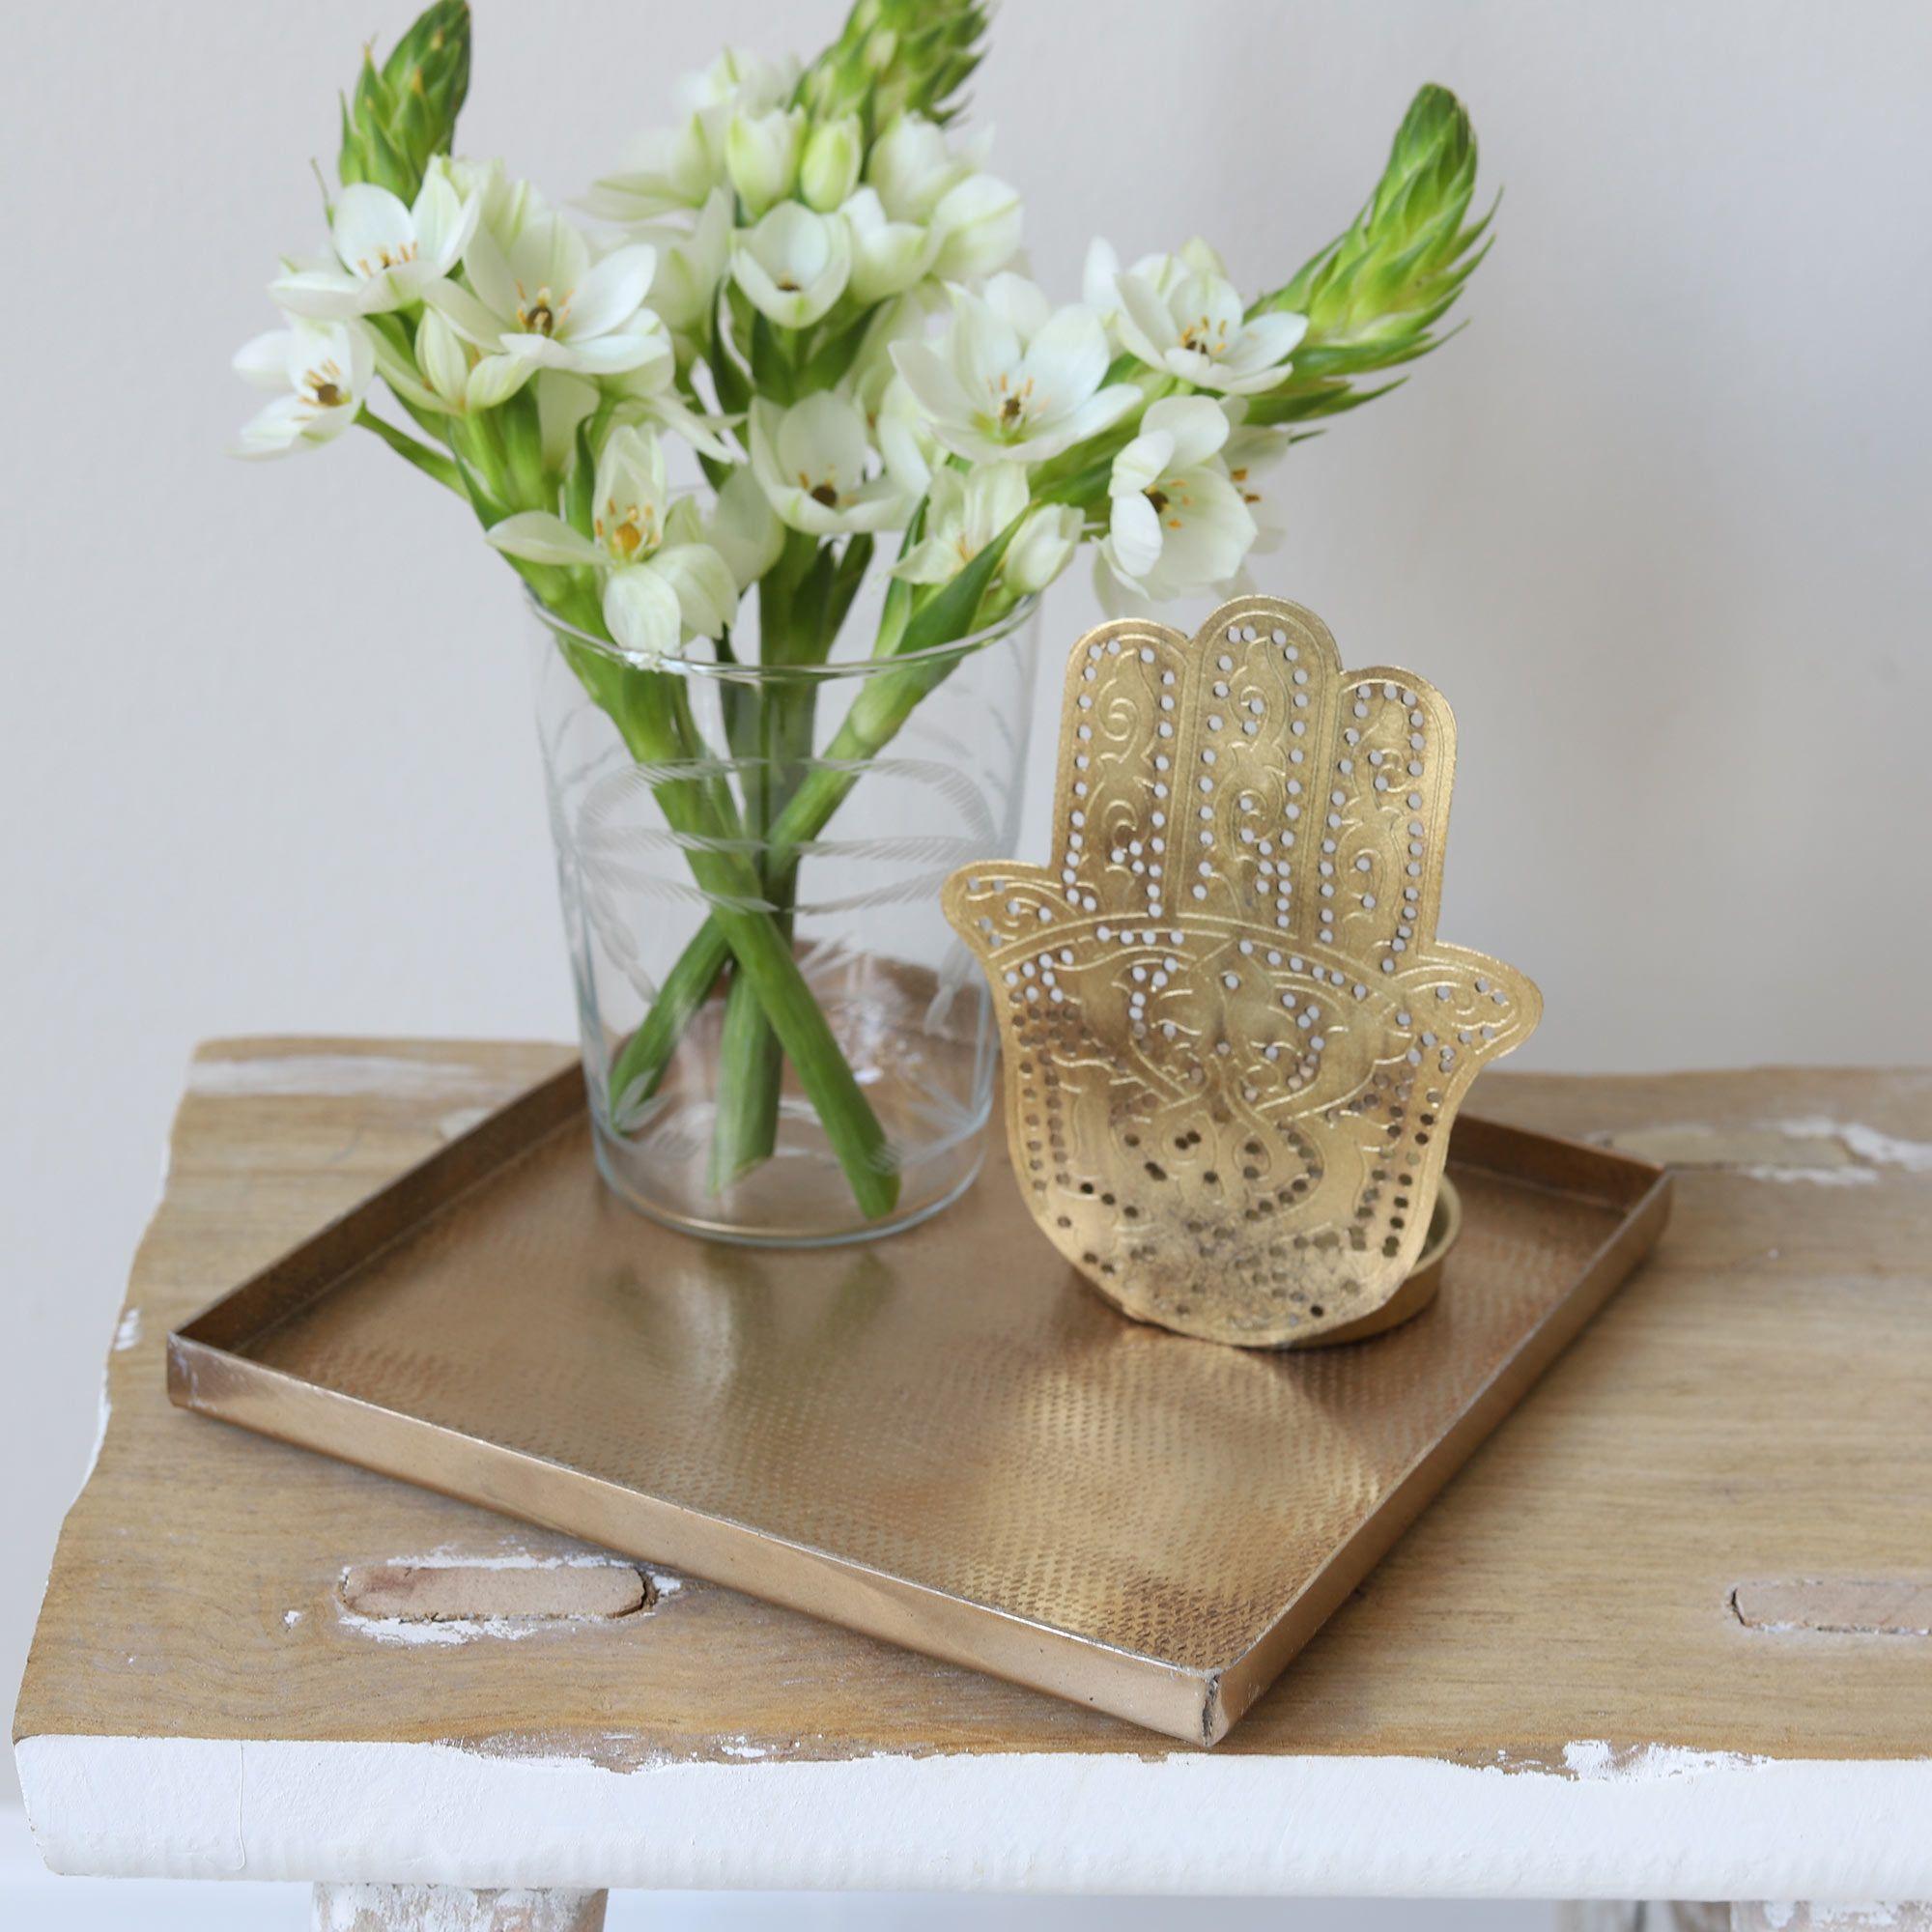 Goldenes Dekotablett Online Kaufen Tabletts Im Sale Bei Soulbirdee In 2020 Dekoration Dekorieren Kerzen Dekorieren